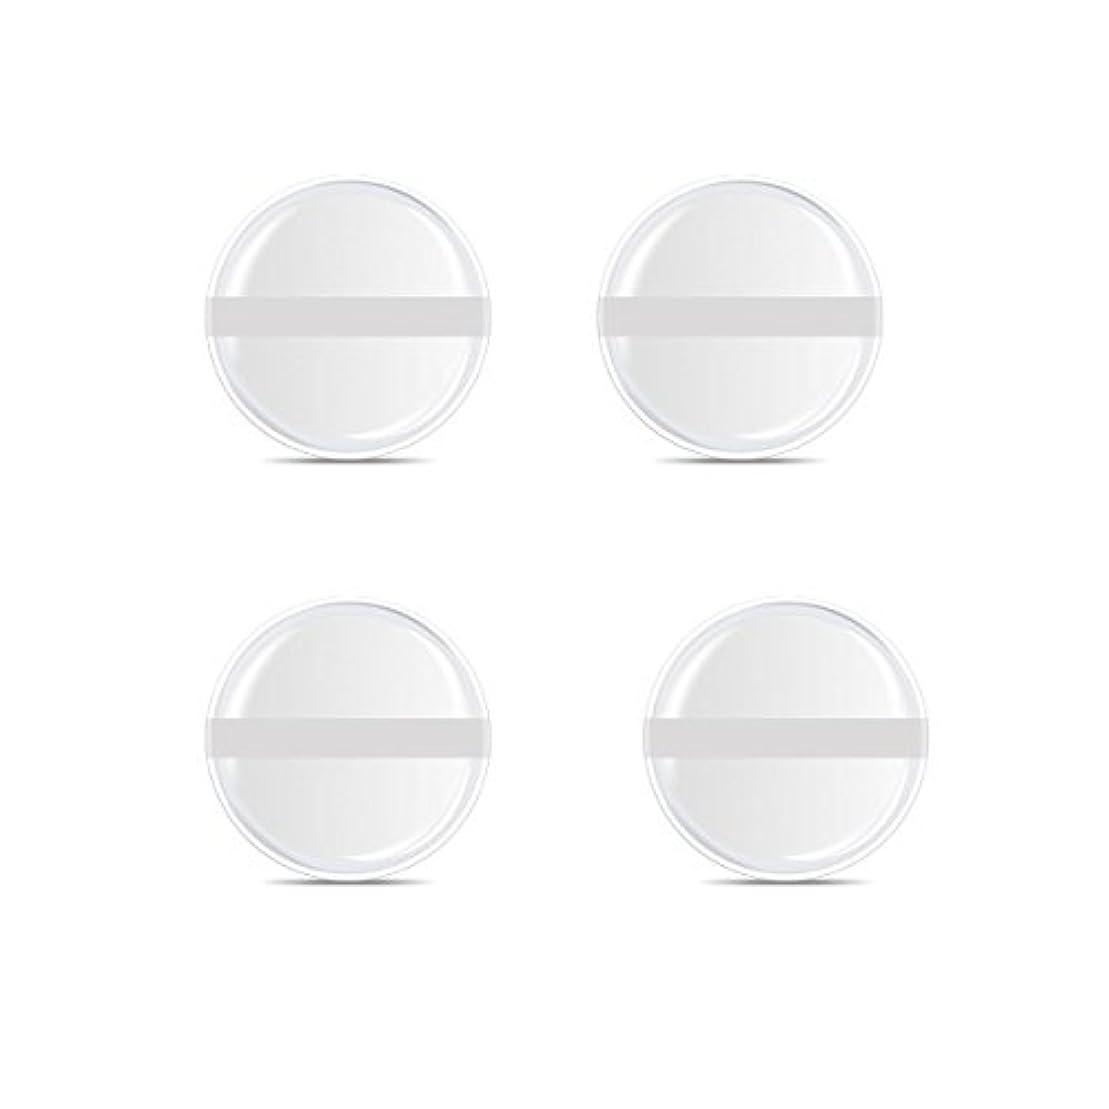 機密避けられない管理シリコンパフ 帯付き メイクスポンジ ゲルパフ ゼリーパフ 清潔しやすい衛生 柔らかく 透明な 4枚入 (円形 4入り)